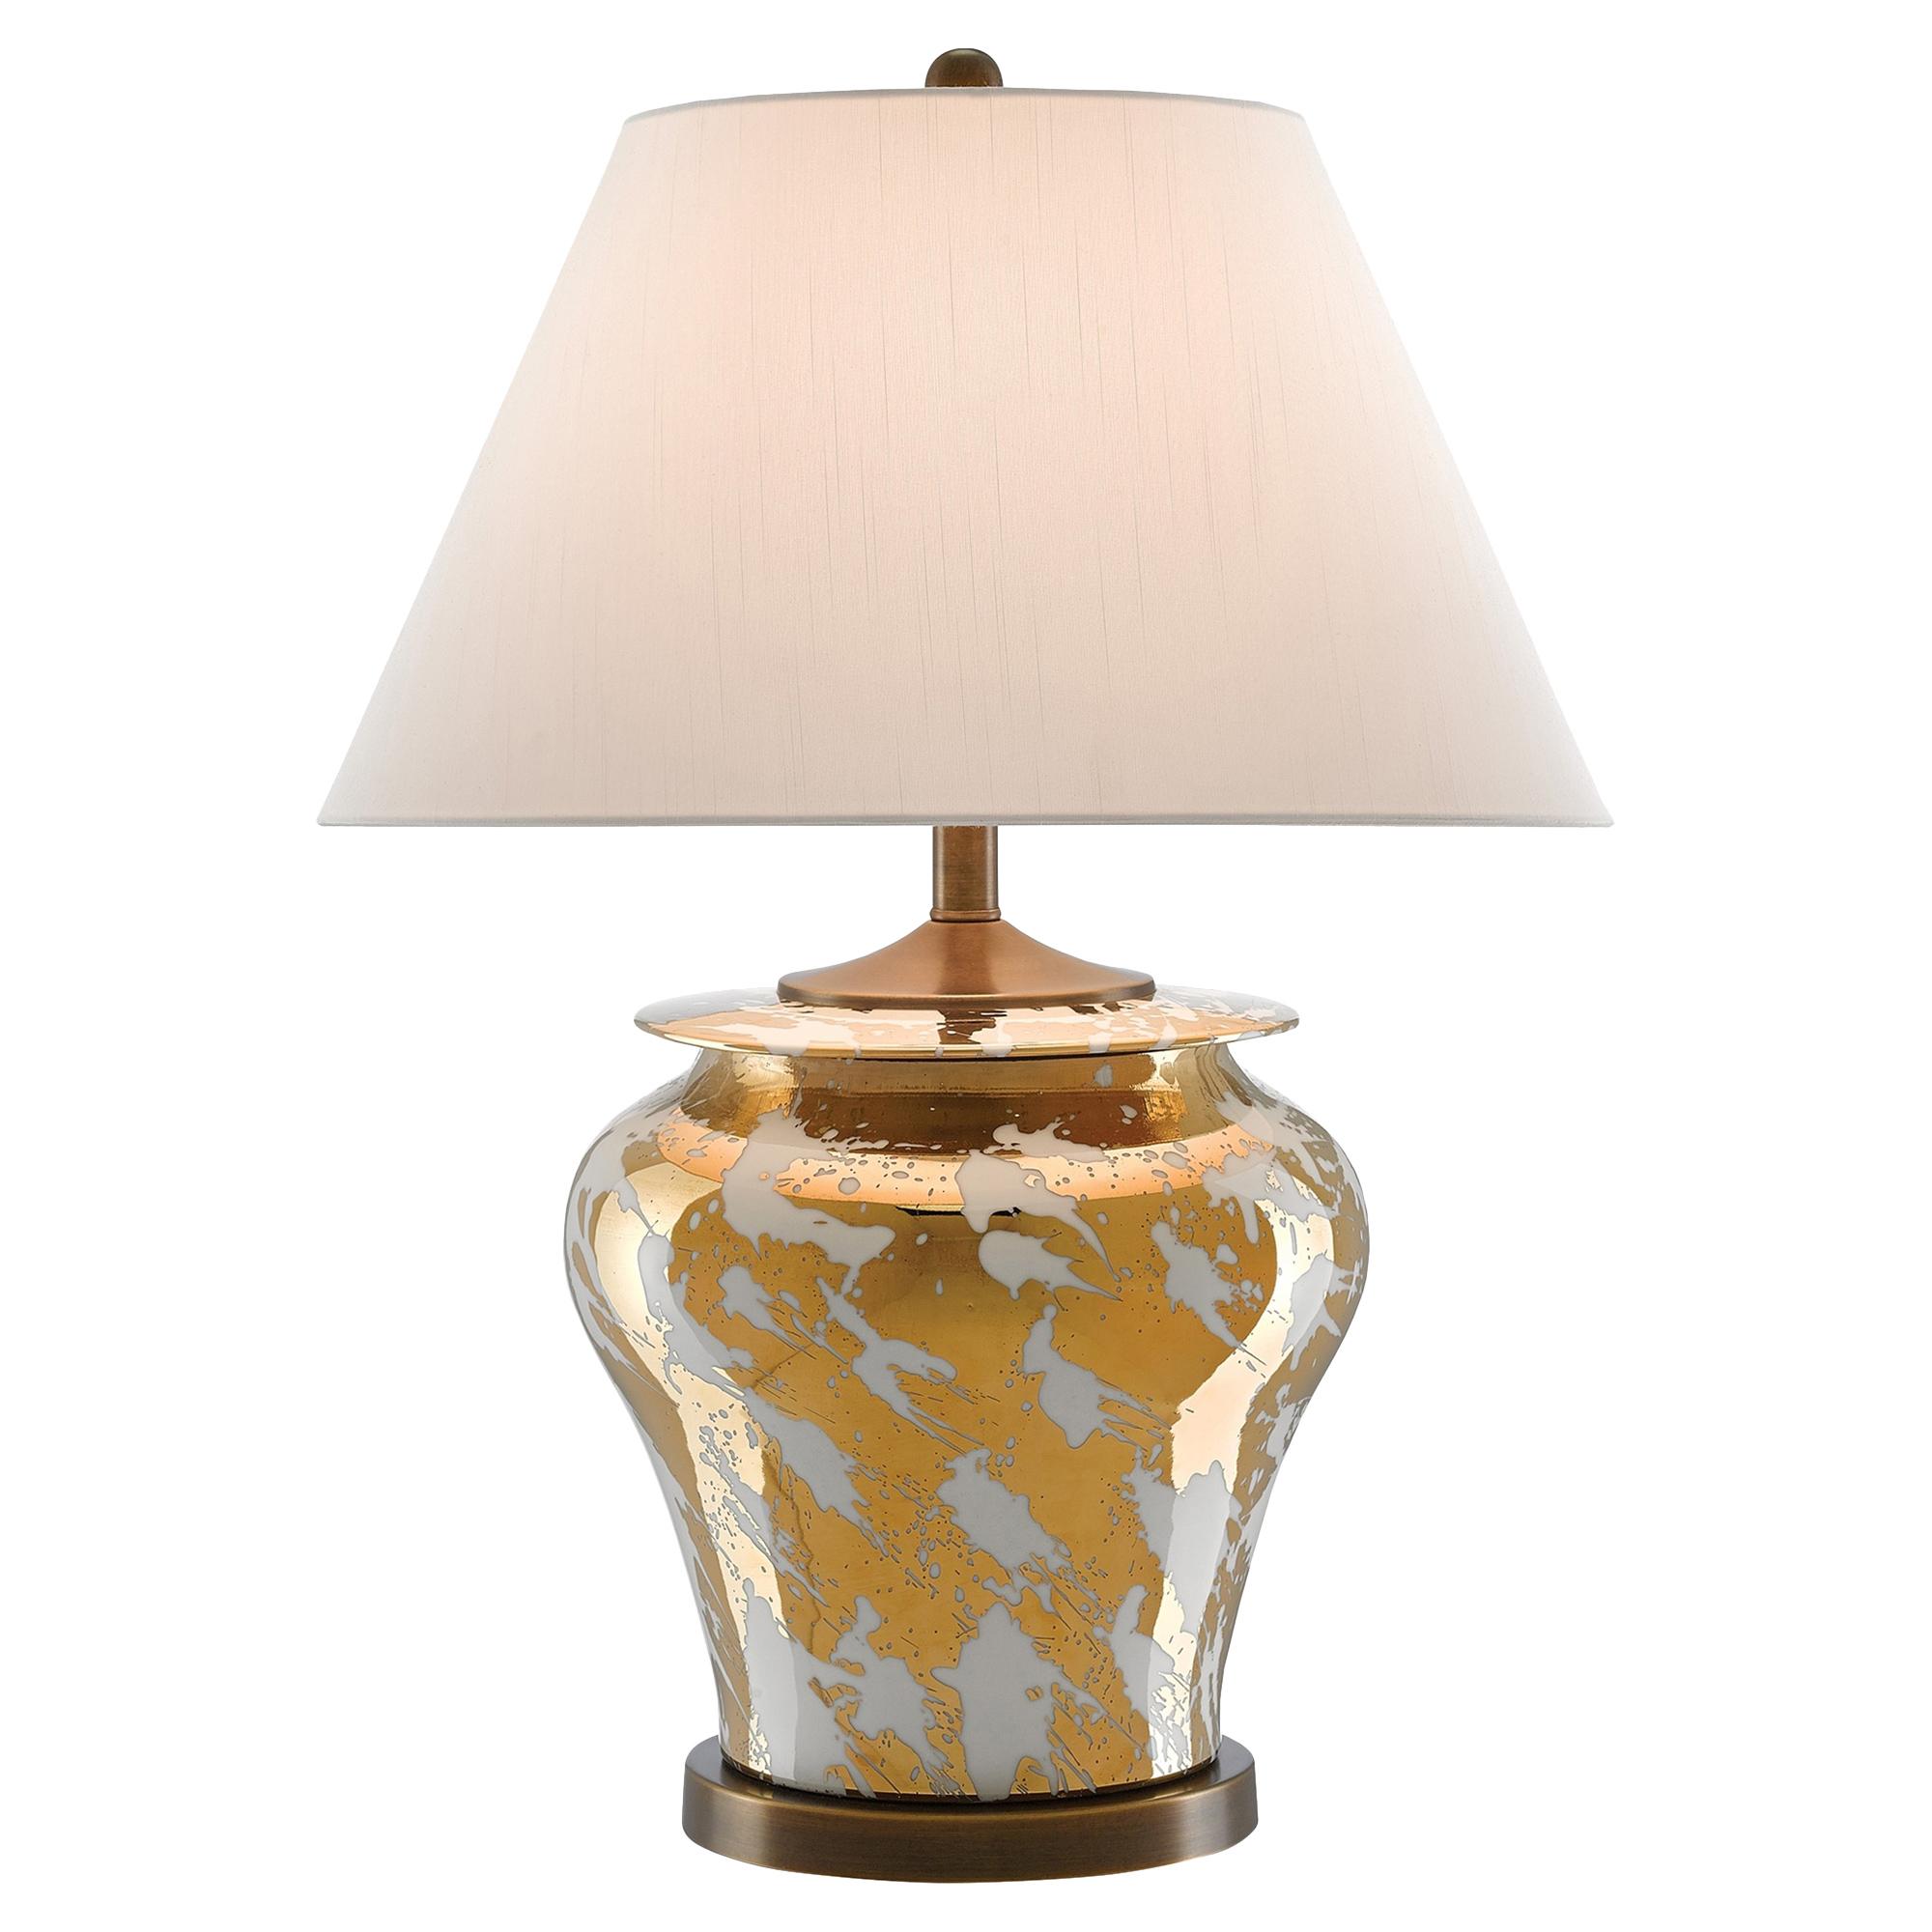 Safire Regency Metallic Gold Glaze White Table Lamp